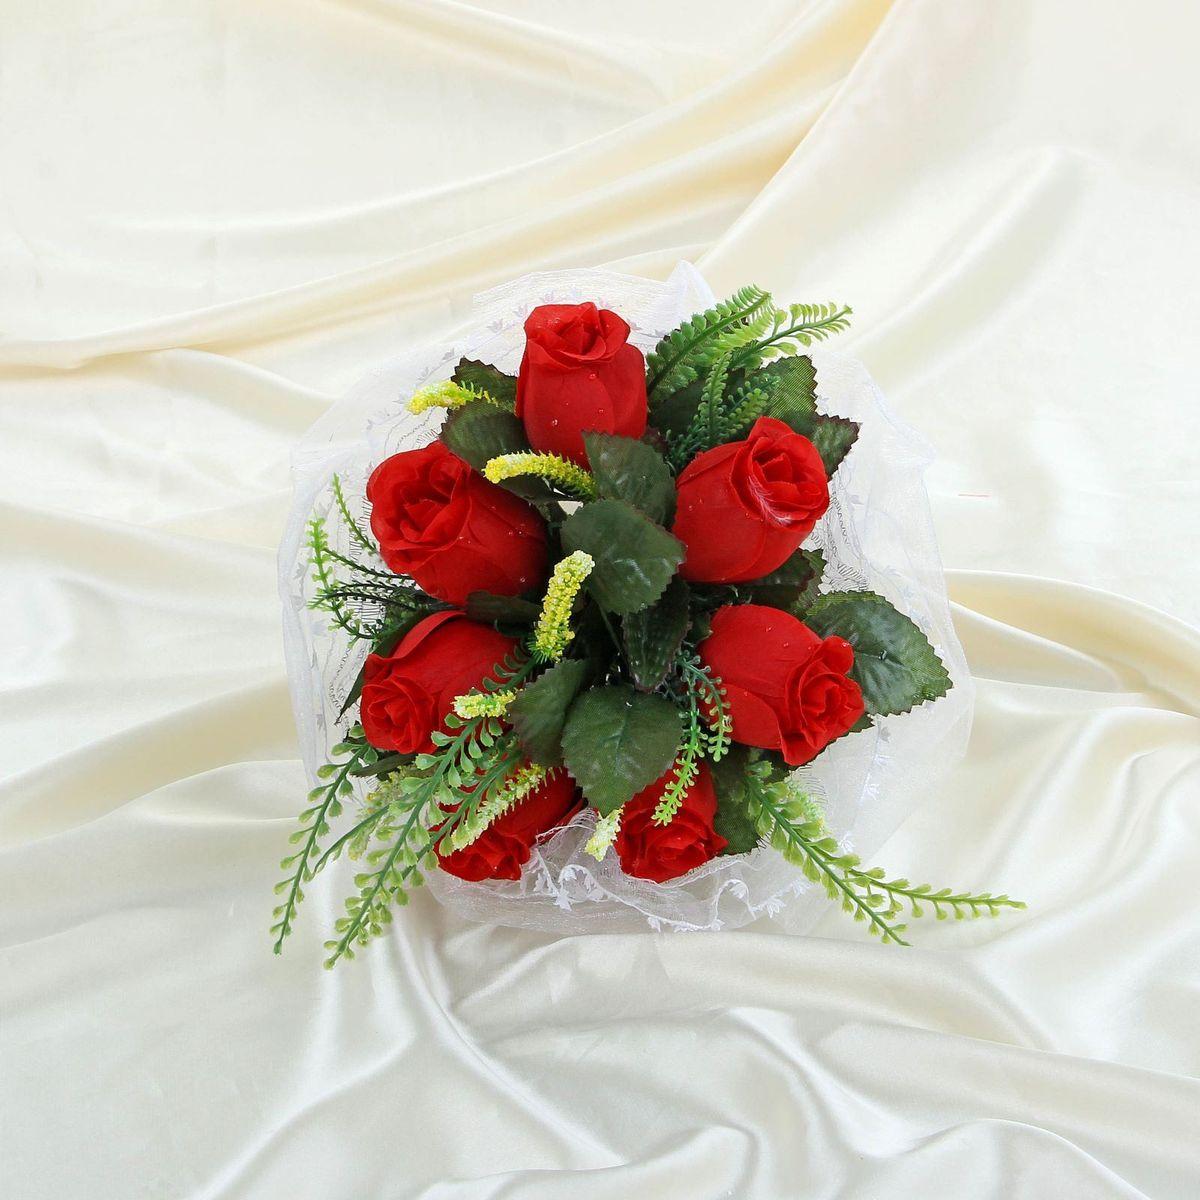 Букет-дублер Sima-land, цвет: красный. 11203241120324Традиция кидать букет невесты на свадьбе зародилась совсем недавно, но является одним из самых долгожданных моментов праздника. Для многих незамужних подружек – поймать букет на свадьбе – шанс осуществления заветной мечты.Современные невесты всё чаще используют для этого ритуала бутафорские букеты из искусственных материалов. Они легче, дешевле и точно не смогут рассыпаться в полете.